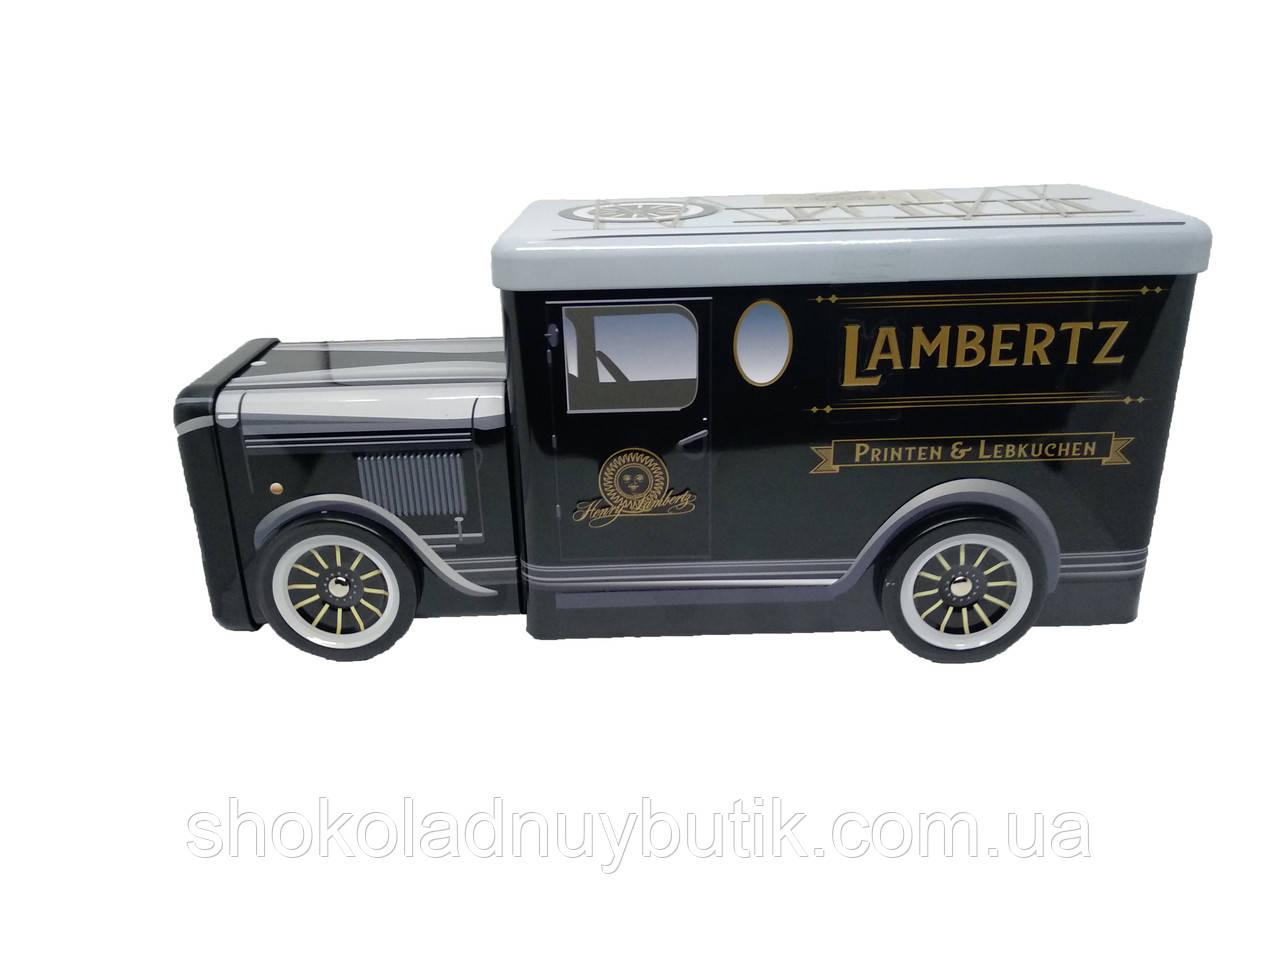 Пряники Генри Ламберц 750г